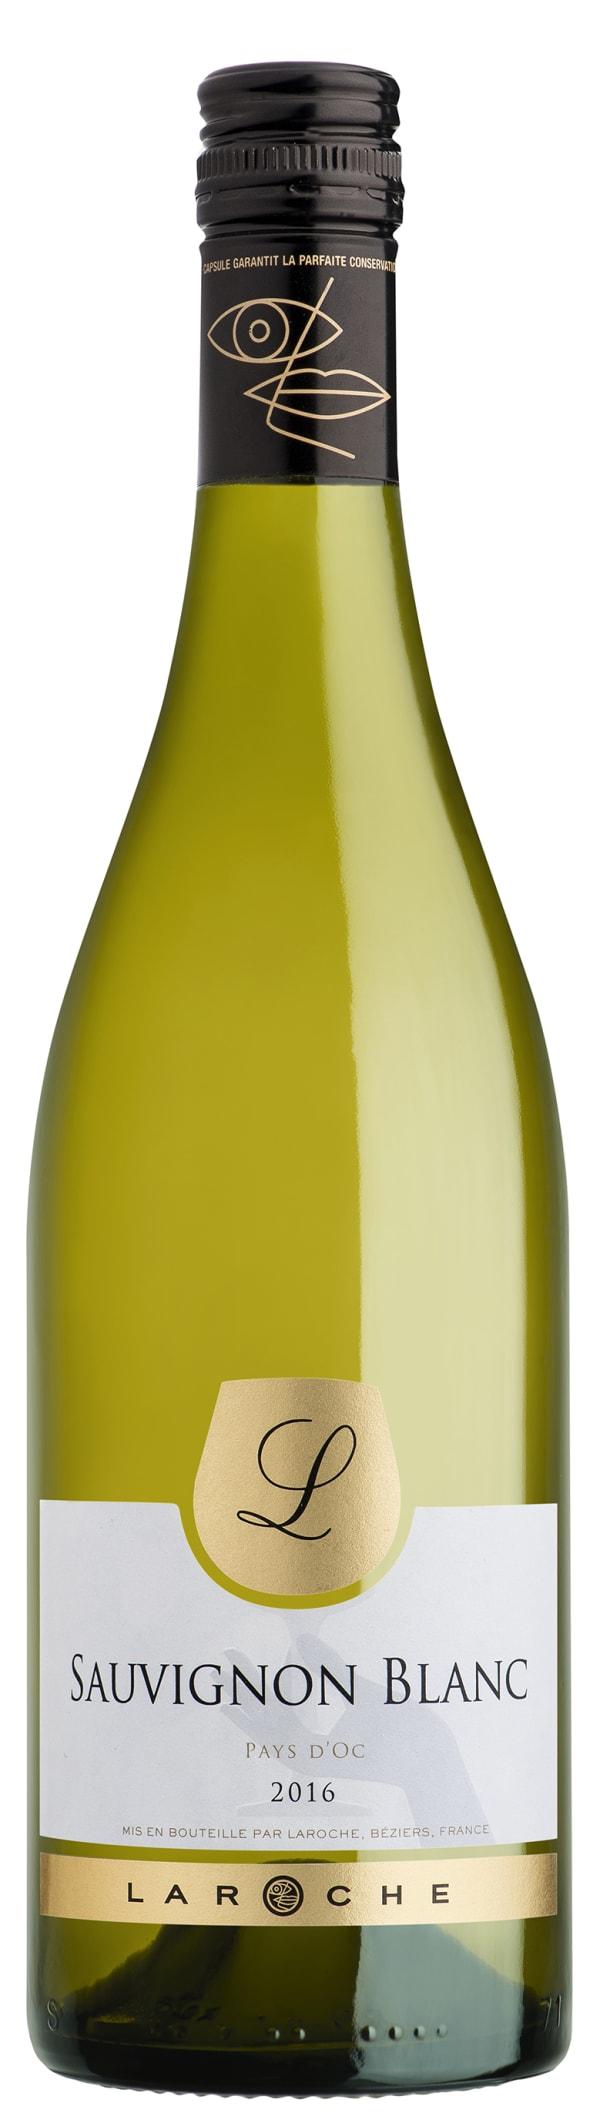 Laroche Sauvignon Blanc L 2019